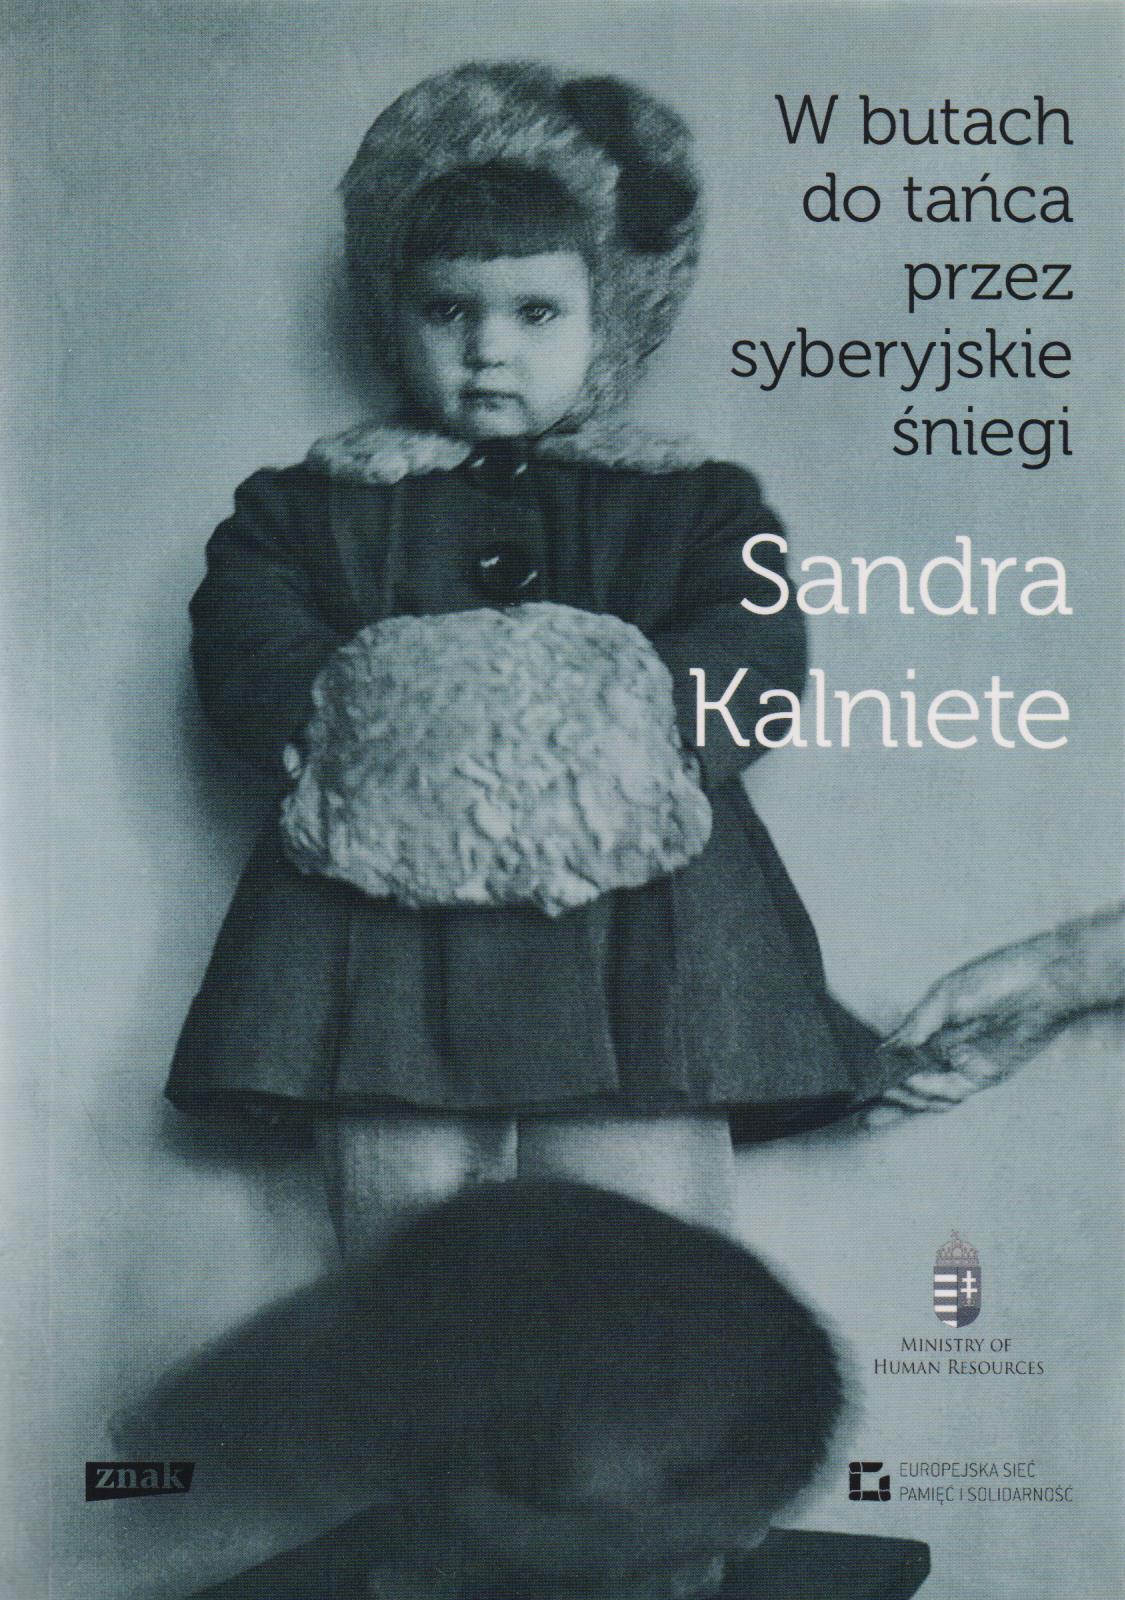 W butach do tańca przez syberyjskie śniegi, Sandra Kalniete